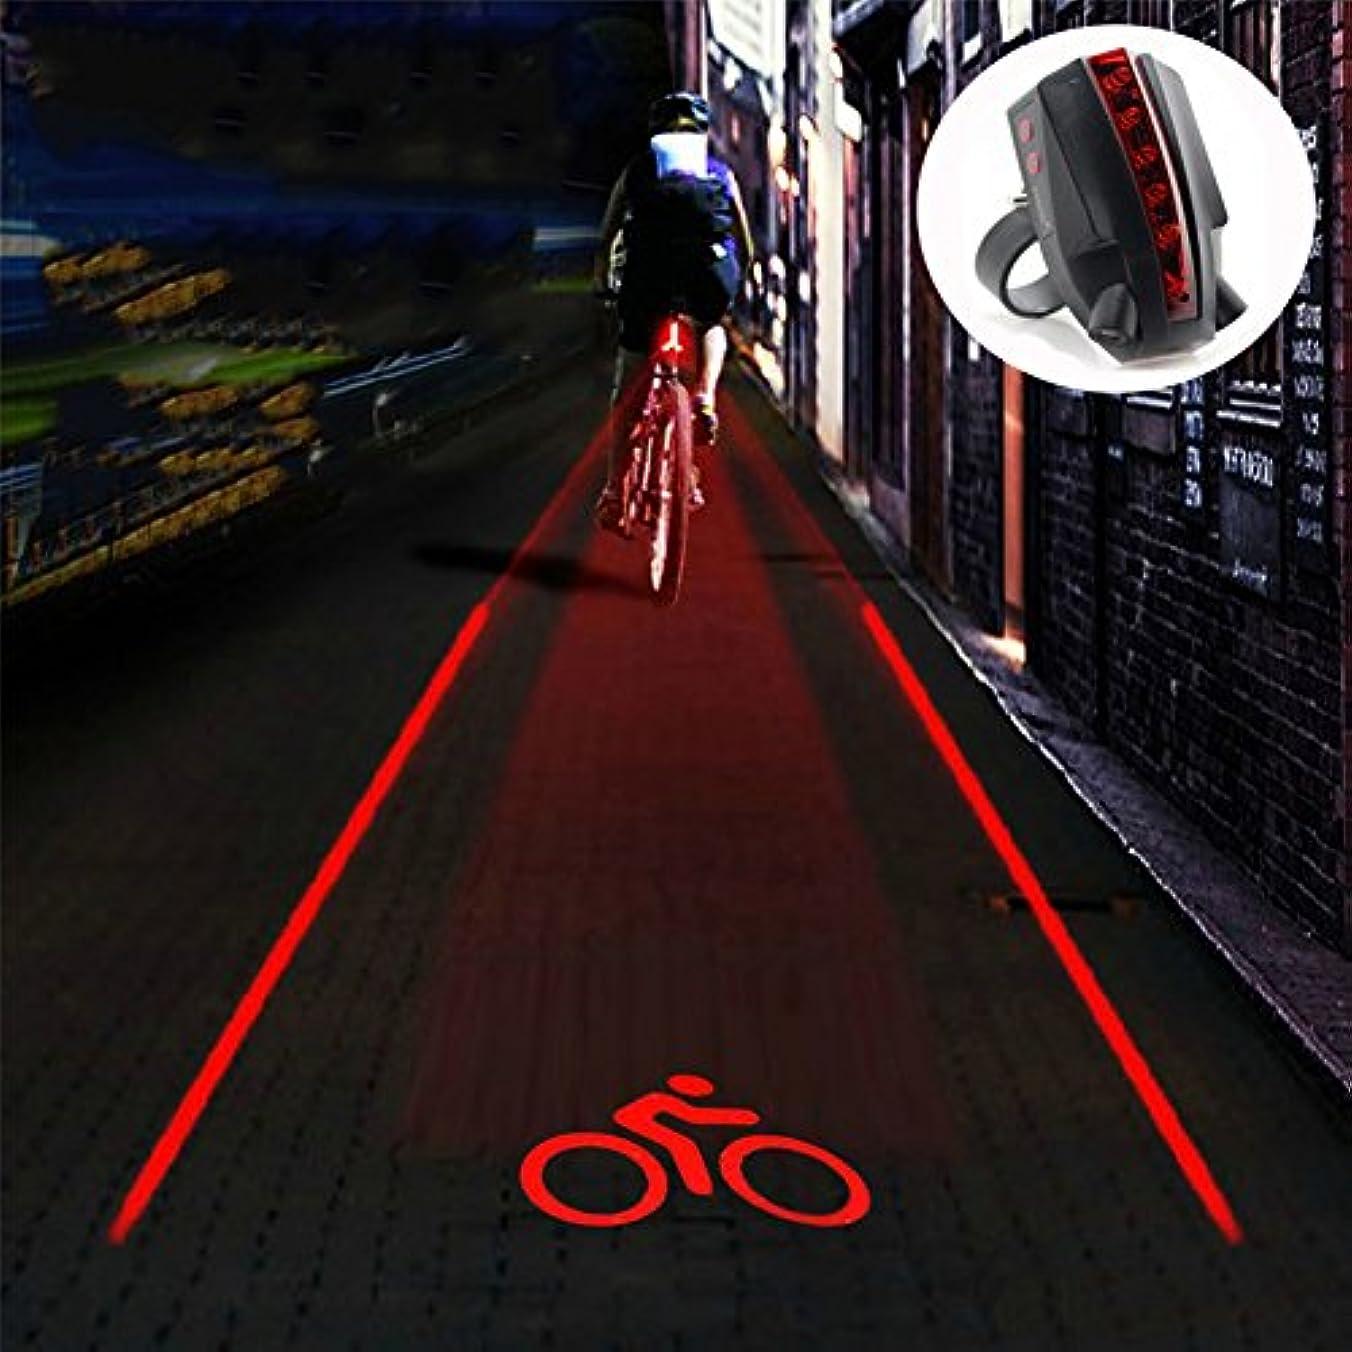 最大限控える縫うDMCE 自転車ライト Led,リアライト Usb充電式 Ip65 防水 クリエイティブ 性格 多目的 簡単なインストール すべてのバイクに適合します。 道のバイク